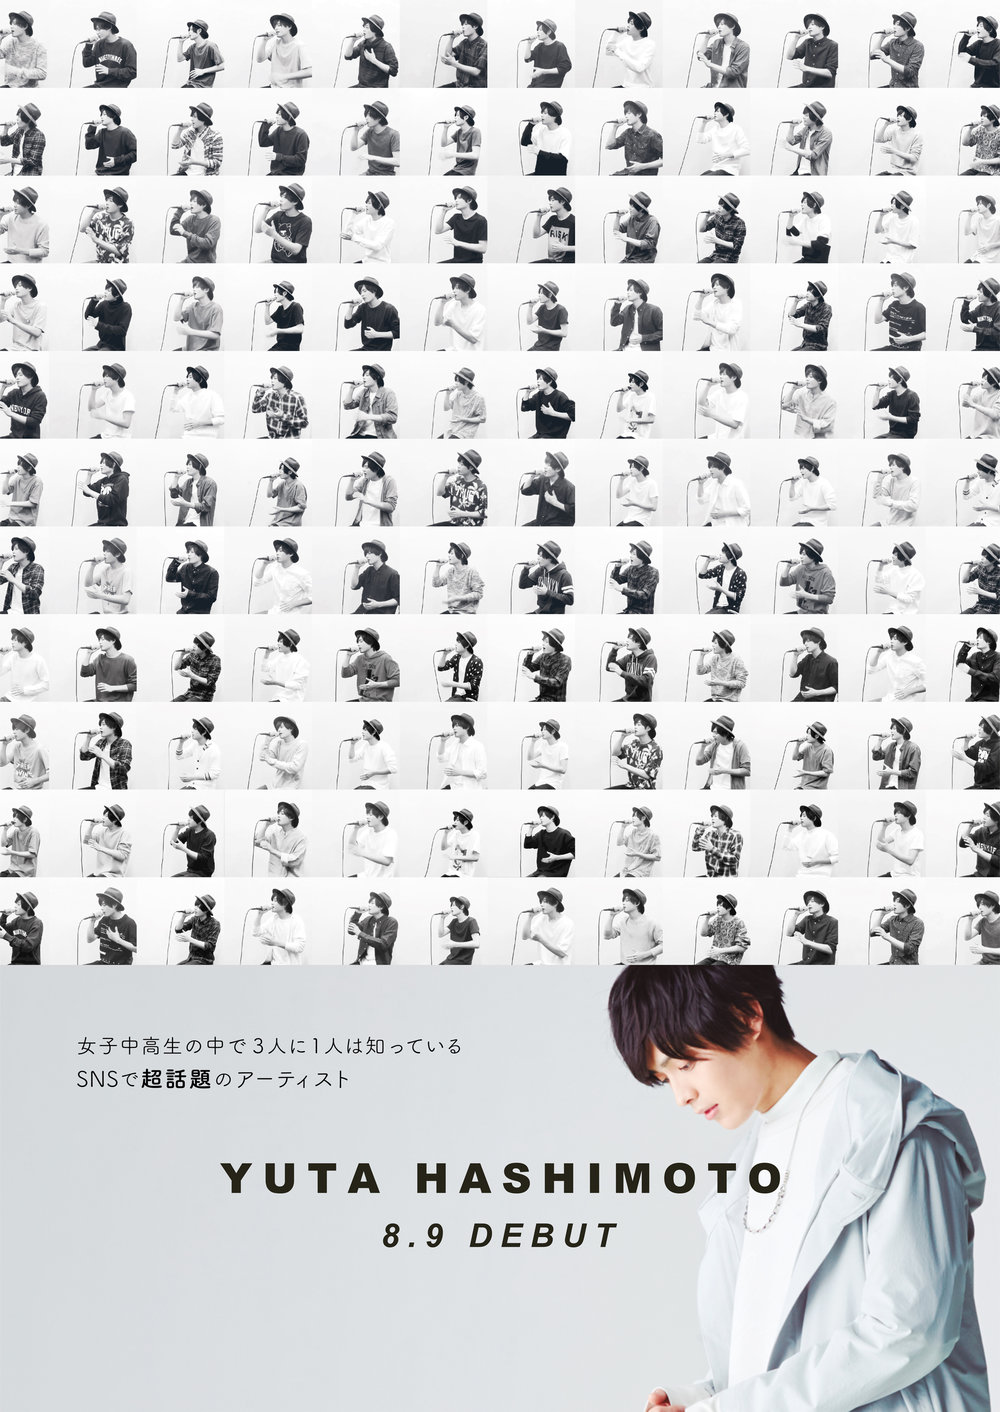 004_Yuta_Hashimoto_Poster-01.jpg